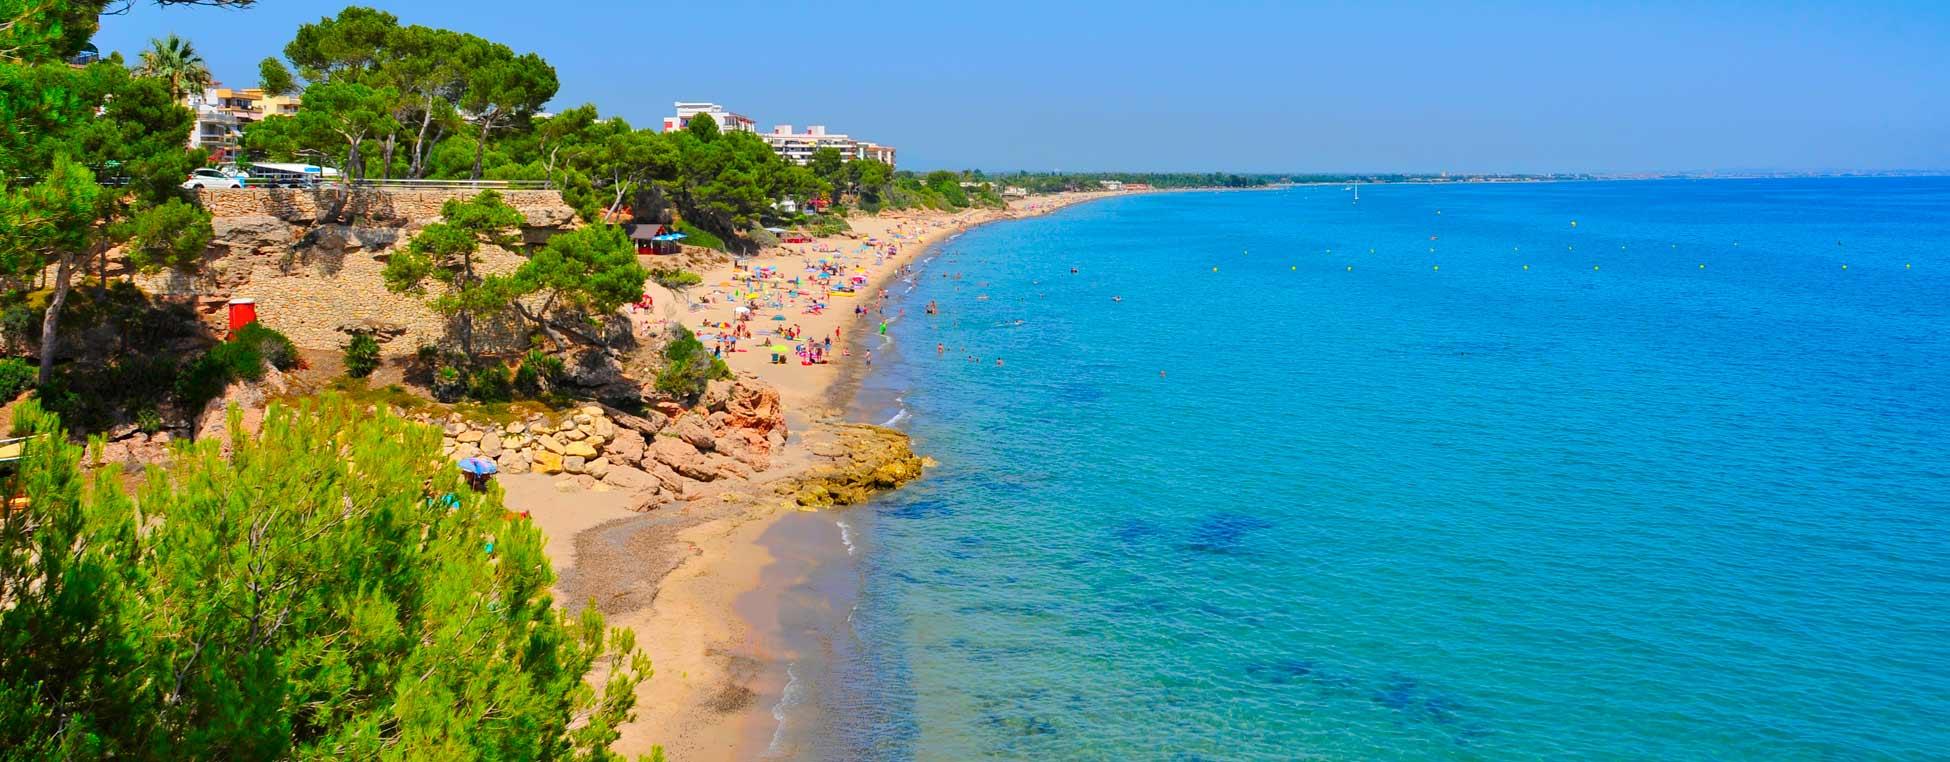 Litoral alquiler de apartamentos en la costa dorada - Apartamentos playa baratos vacaciones ...